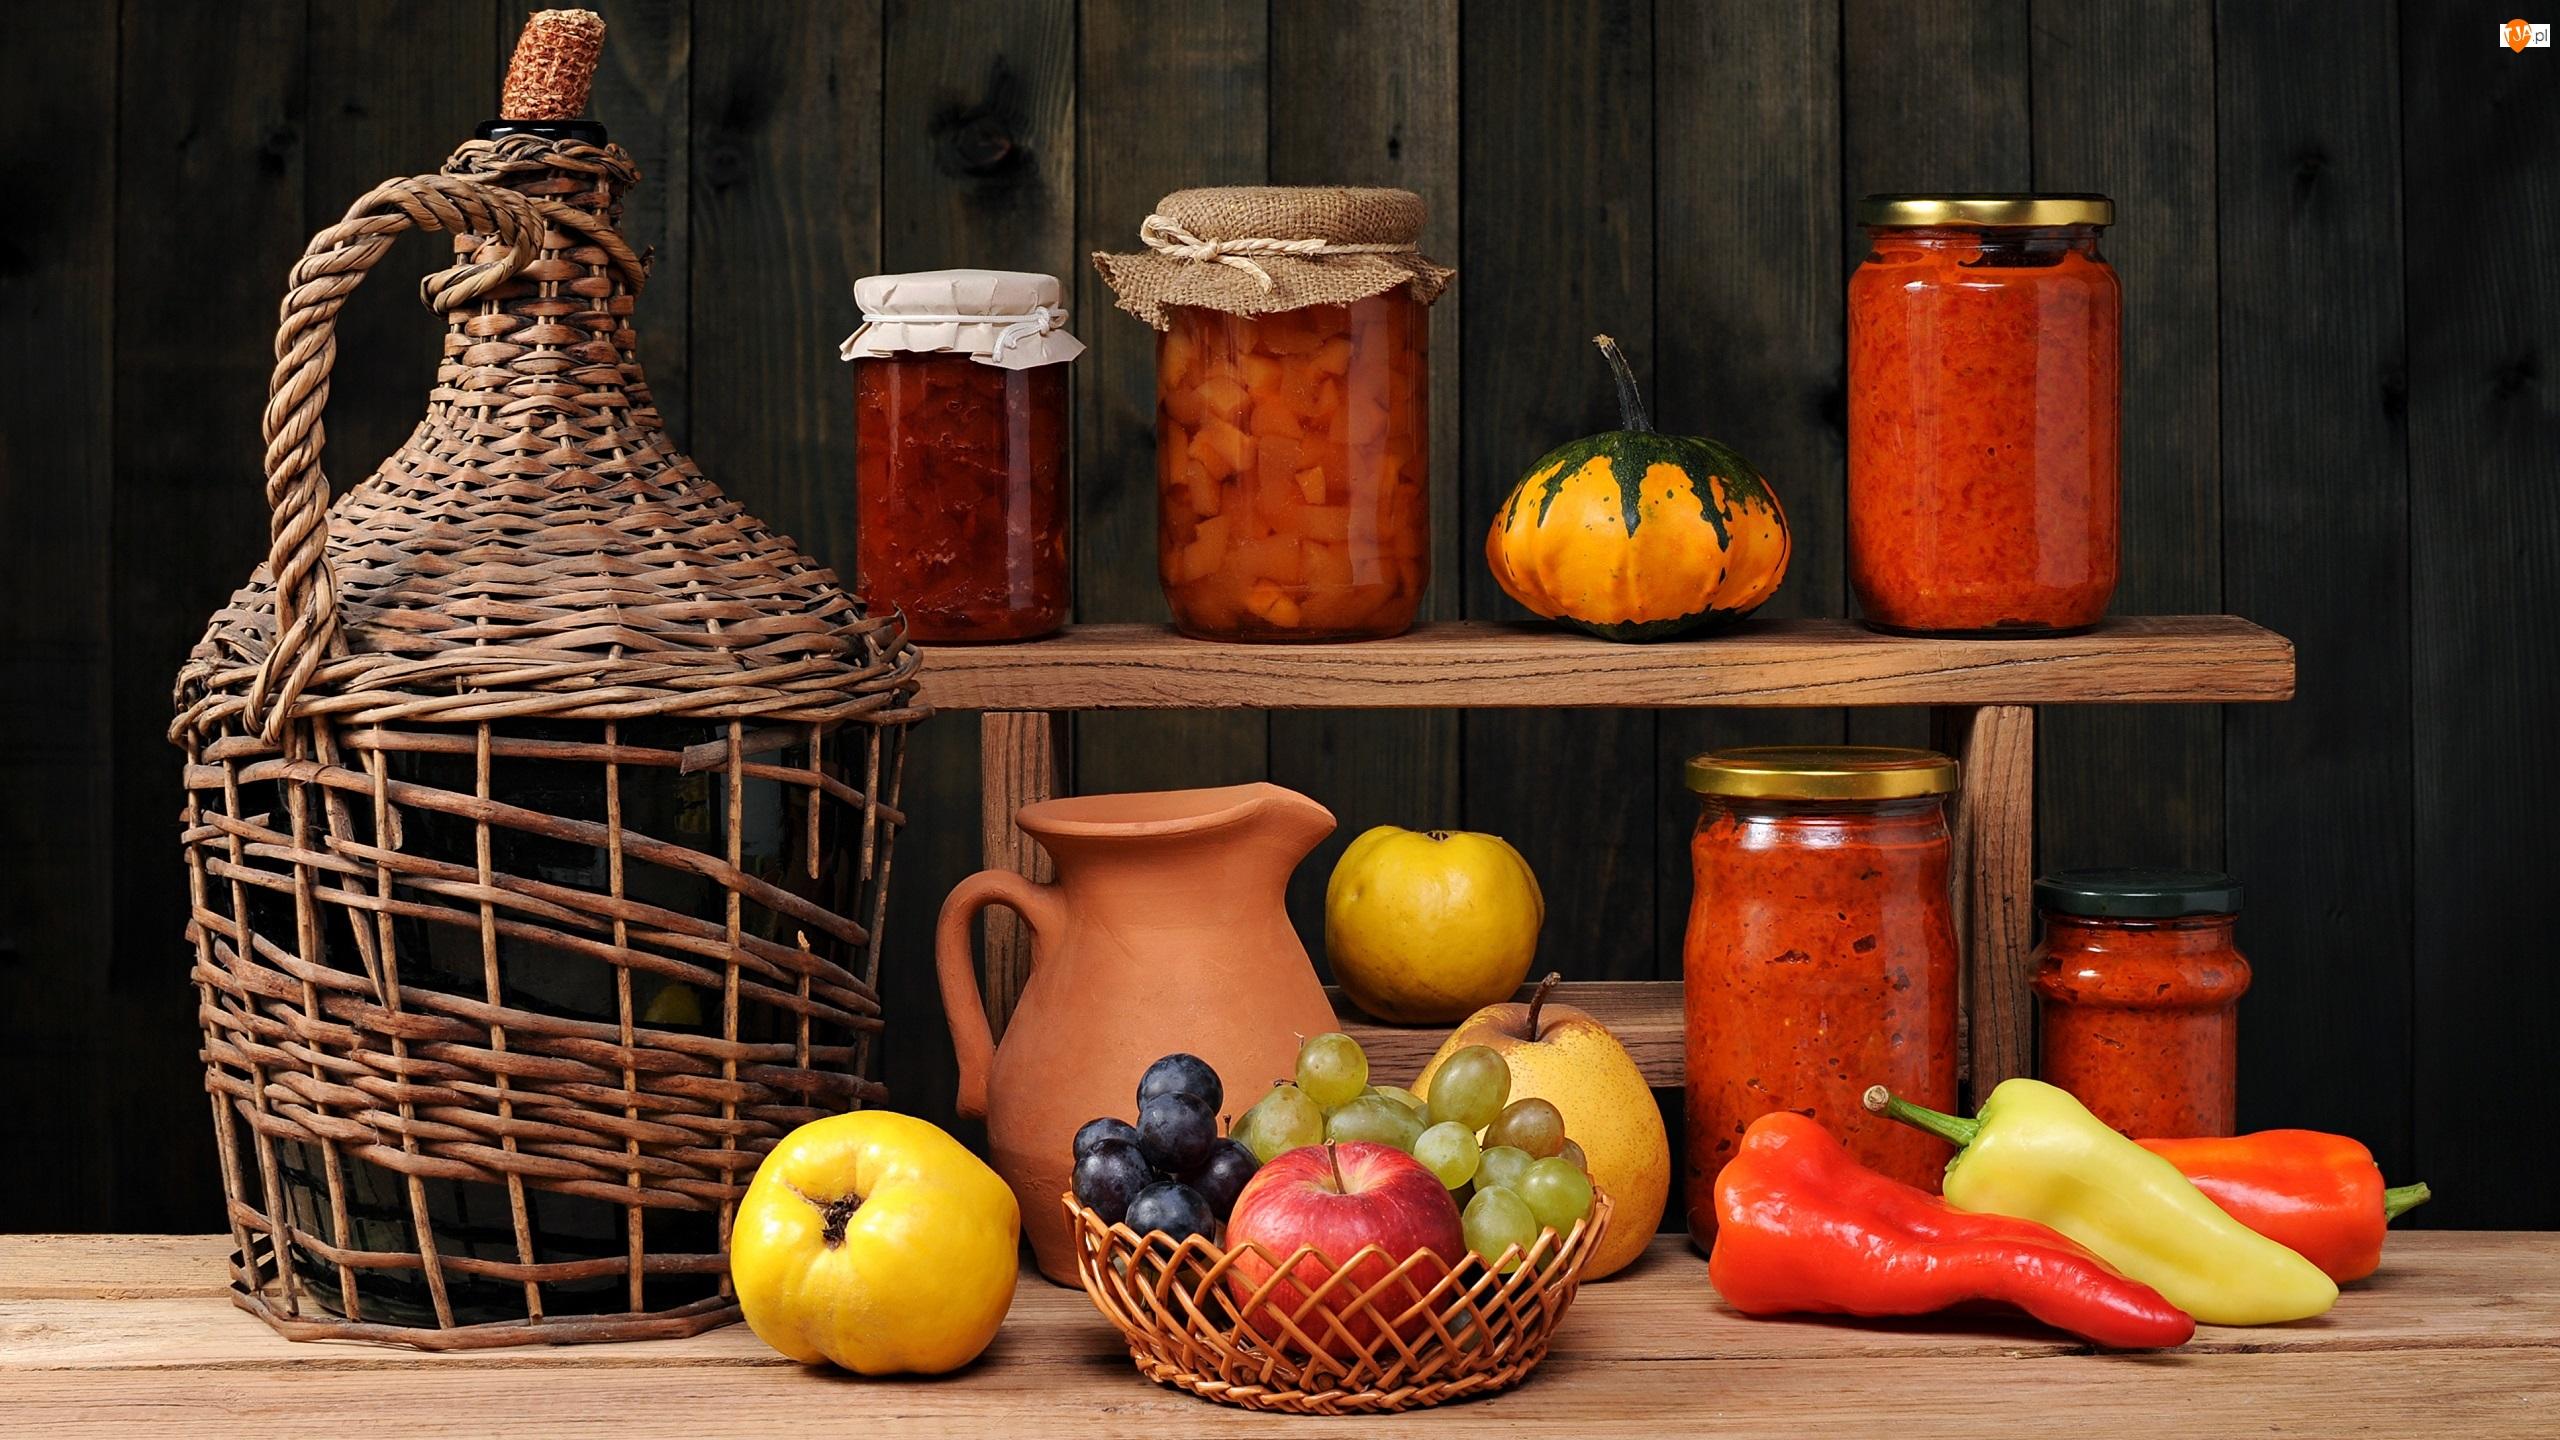 Butla, Papryczki, Wino, Winogrona, Warzywa, Owoce, Półka, Jabłka, Przetwory